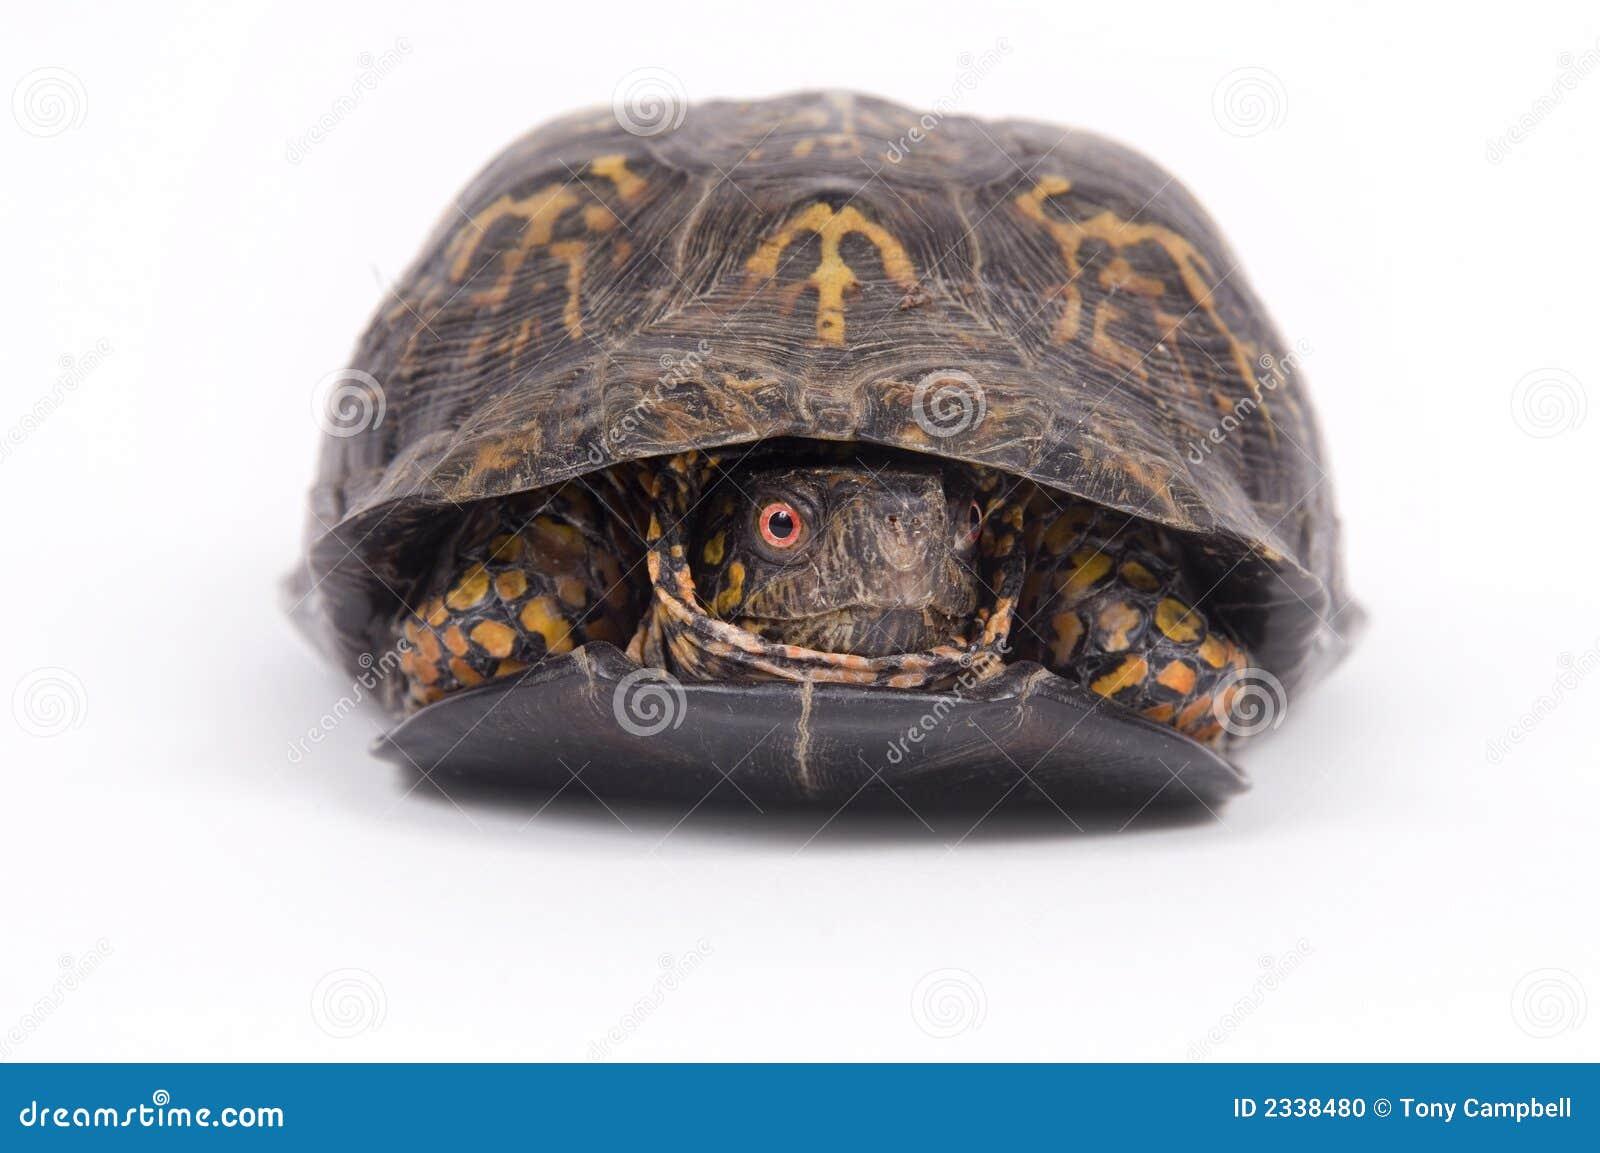 box turtle on white background stock photo image 2338480